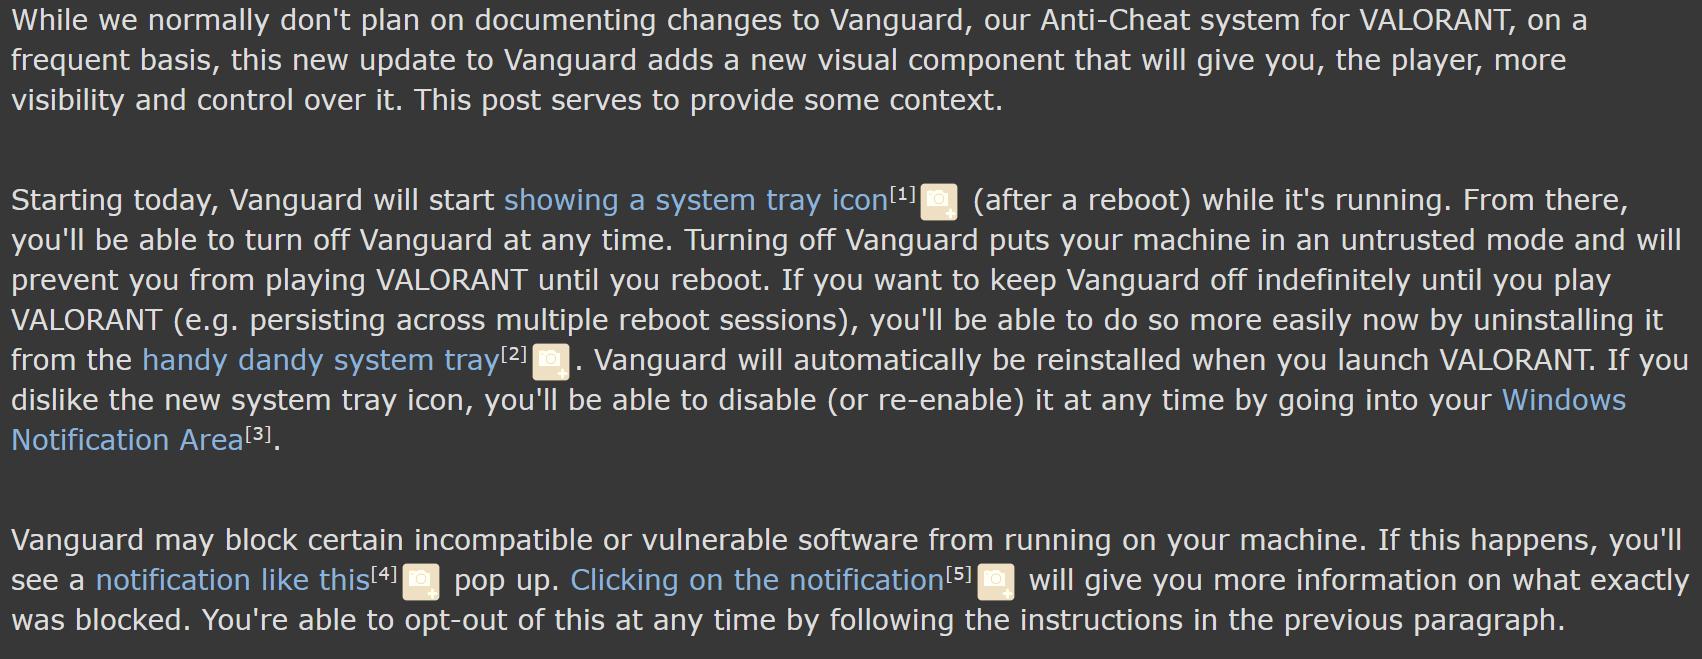 Reddit : Valorant about vanguard